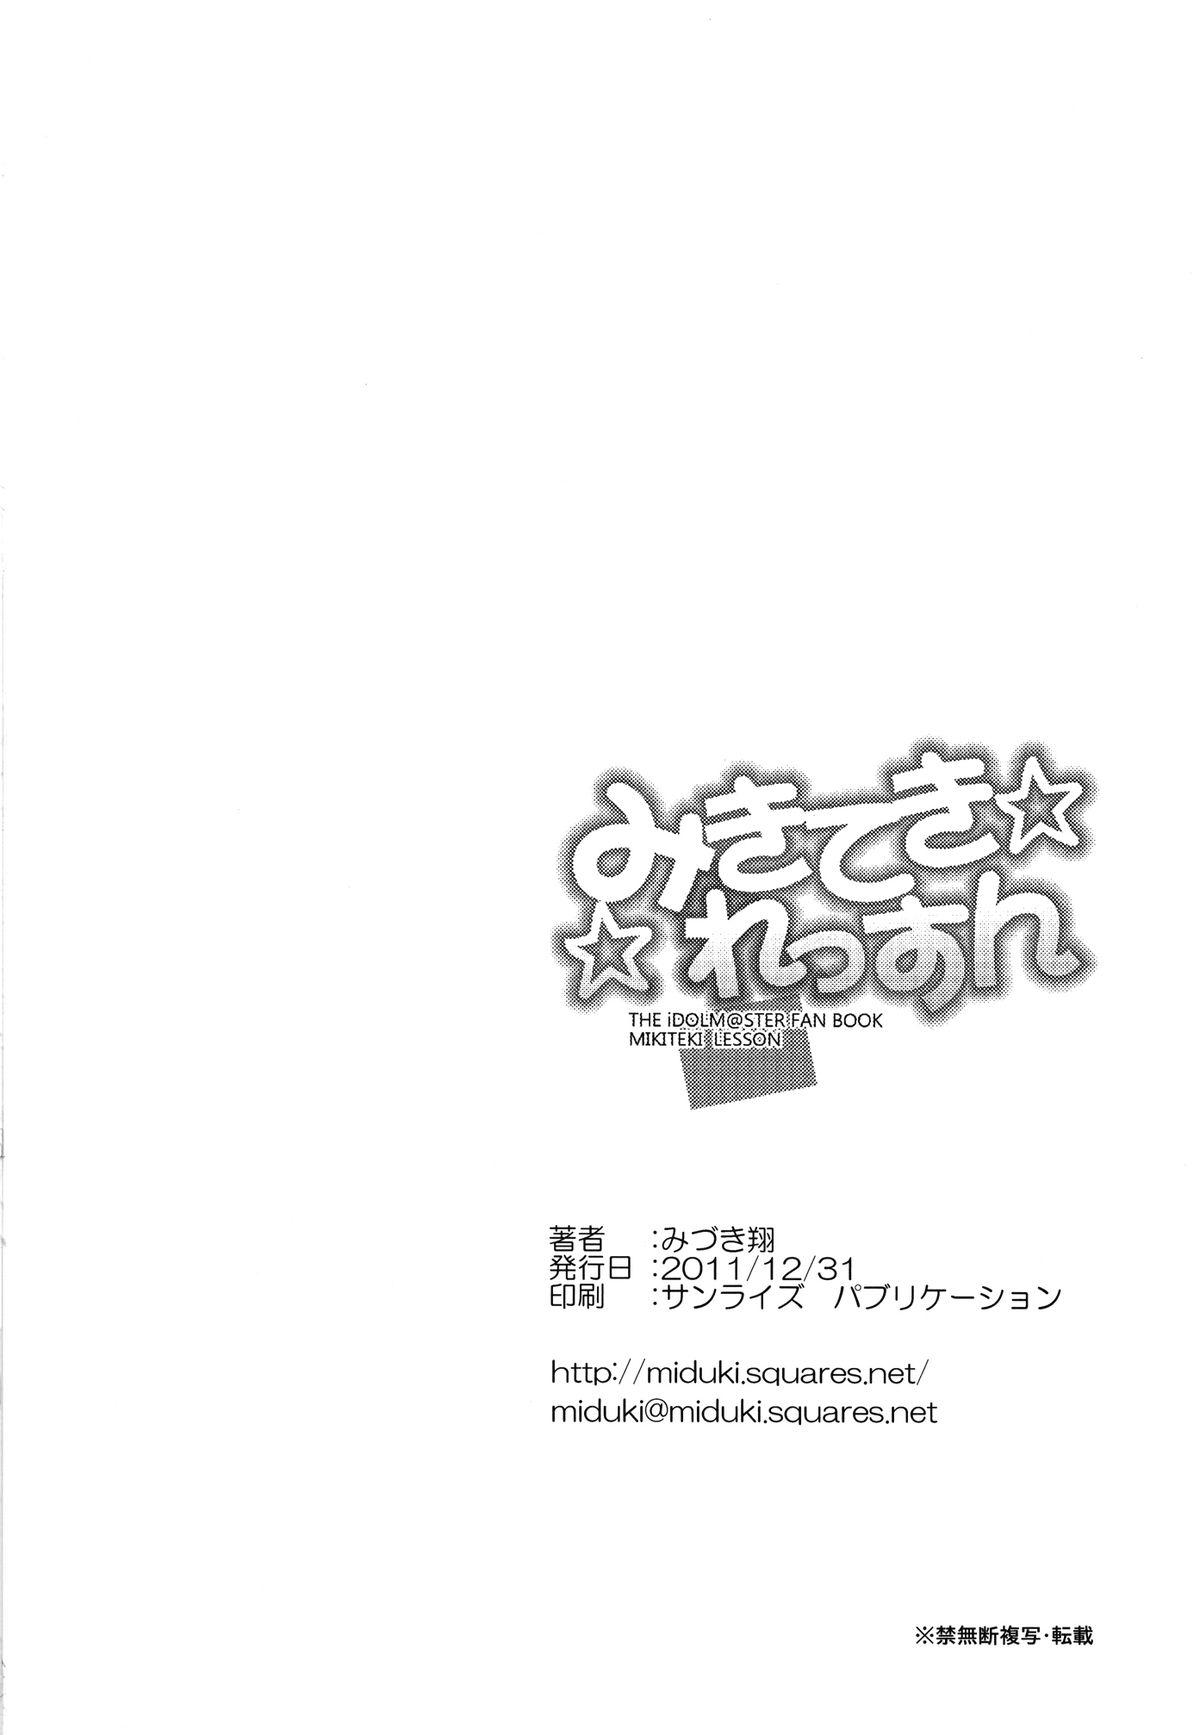 Miki-teki☆☆Lesson 25